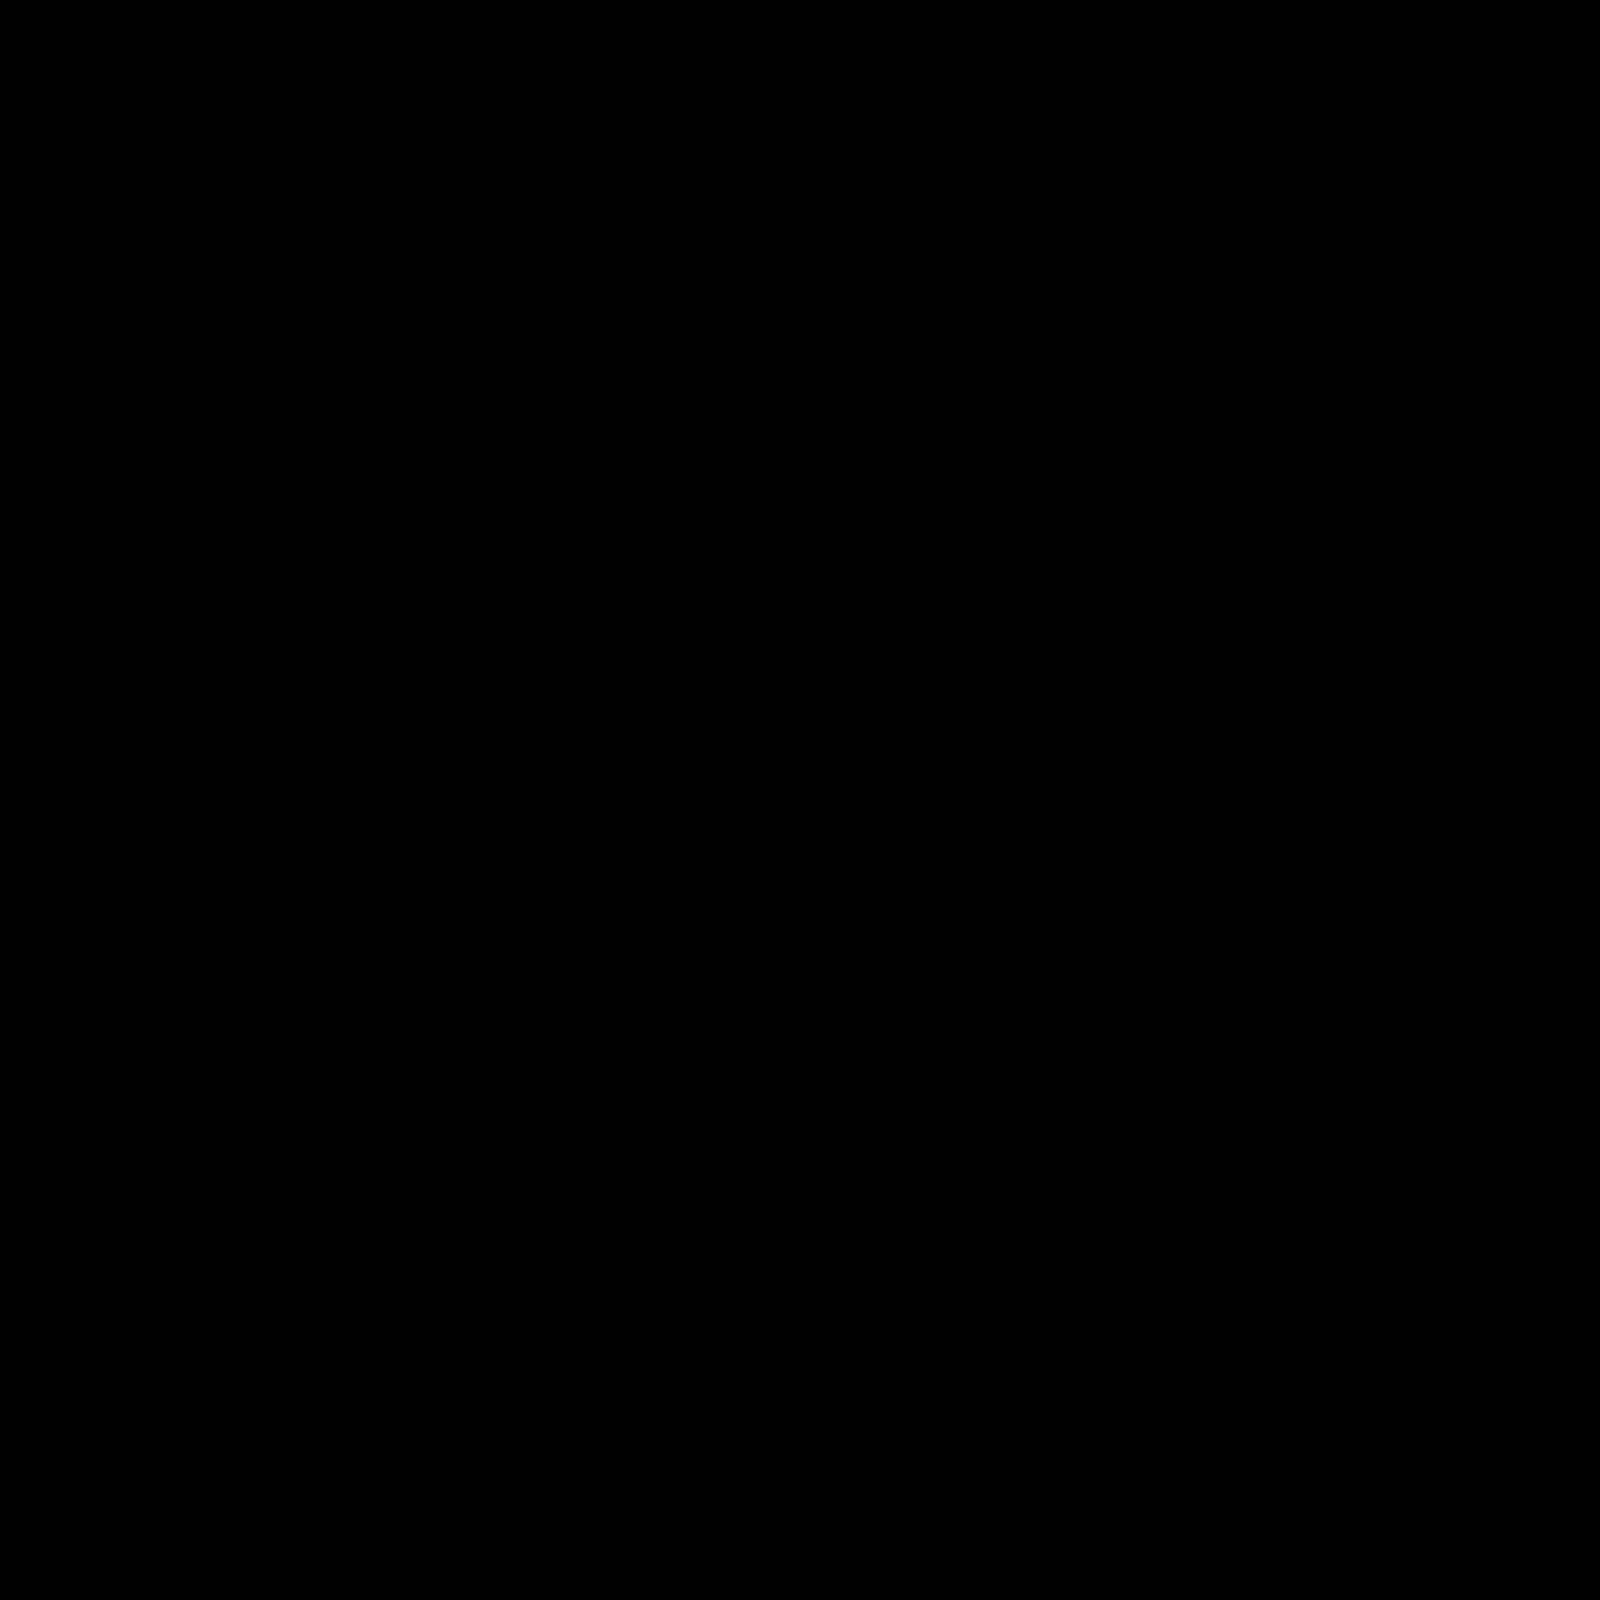 Pyłek icon